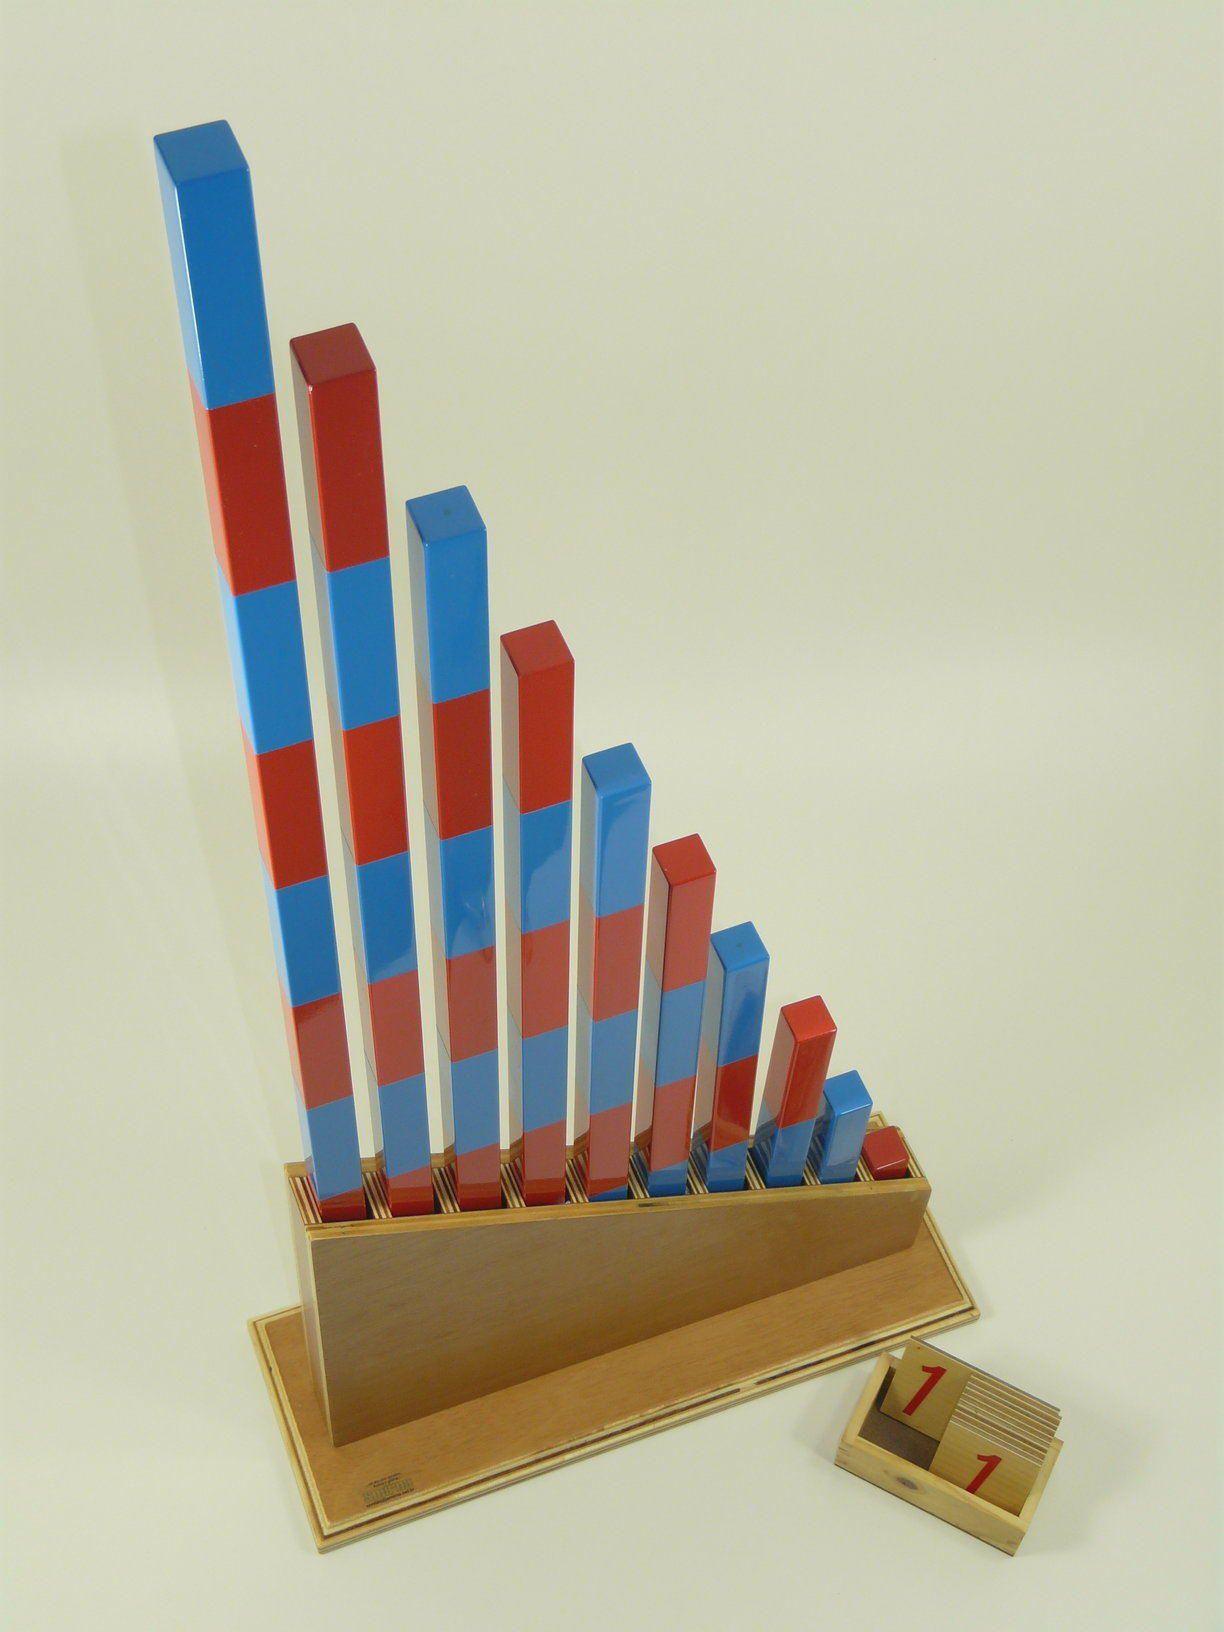 Suporte Barras Vermelhas ou V. e Azuis